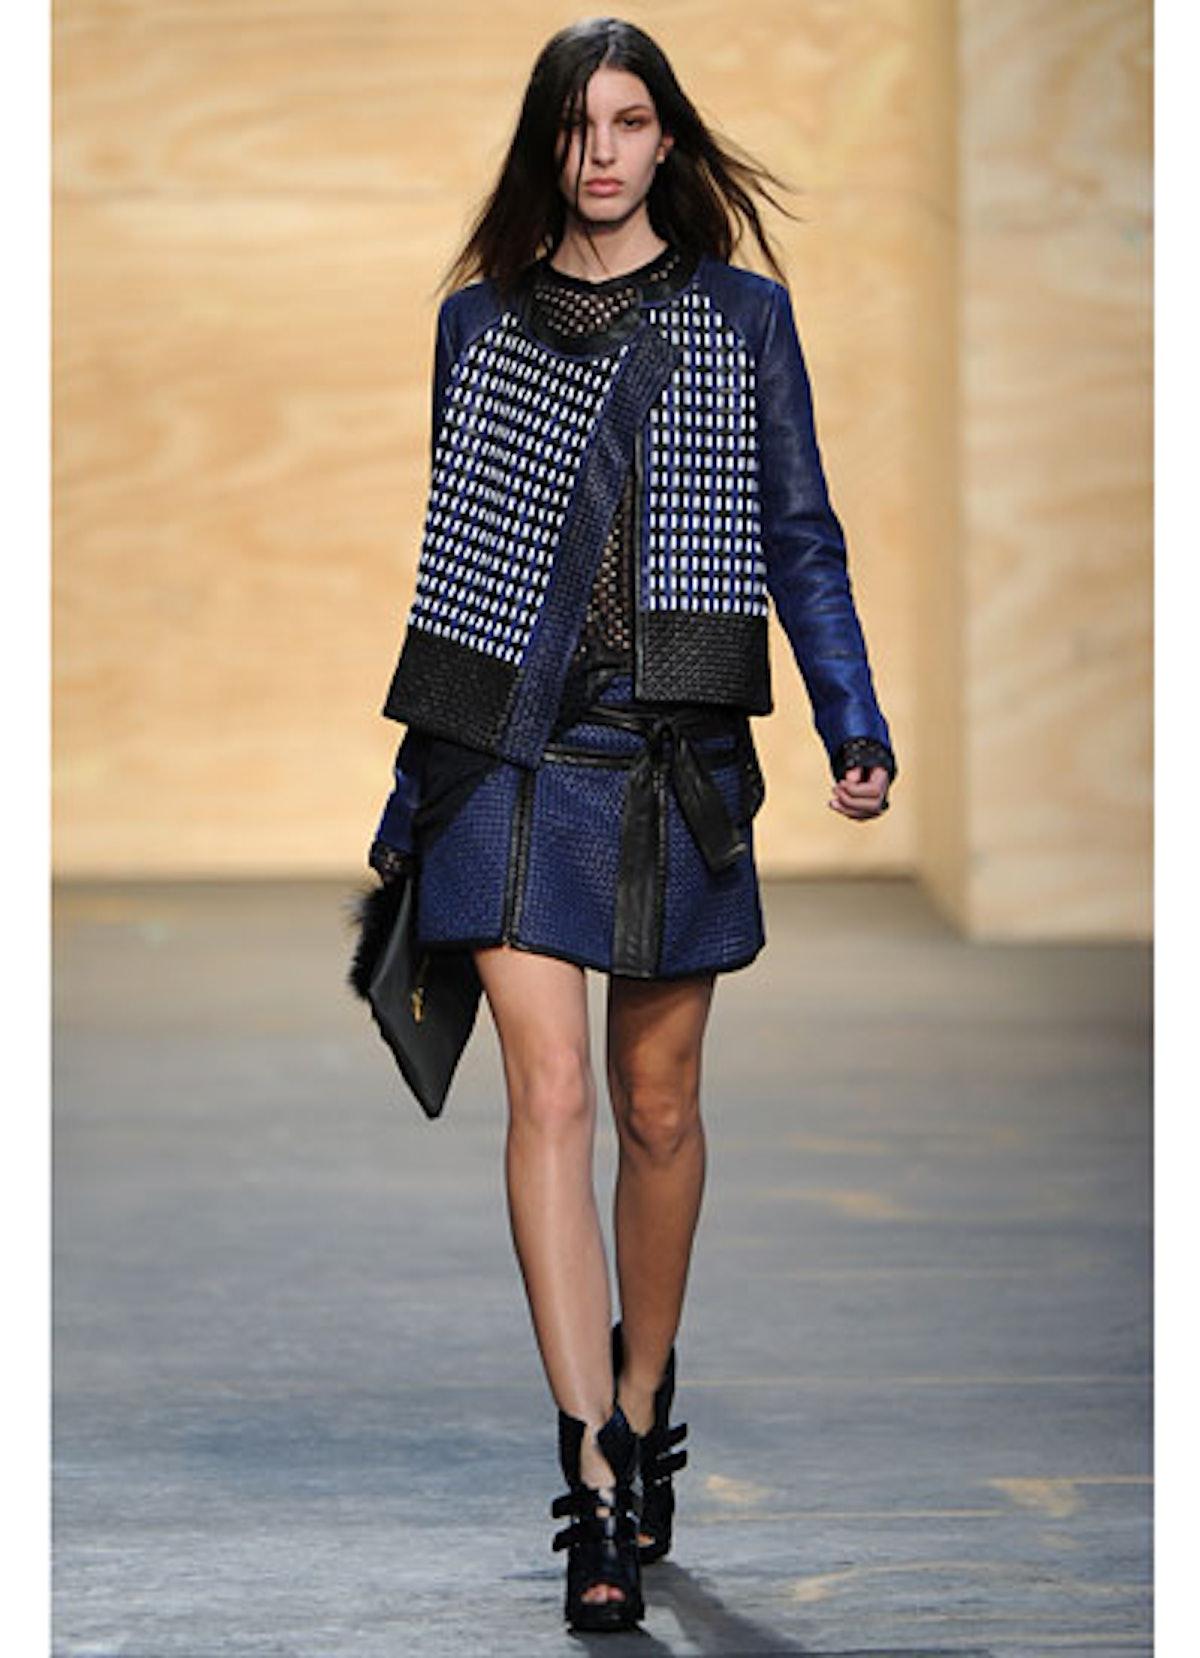 fass-fall-2012-fashion-roundup-36-v.jpg